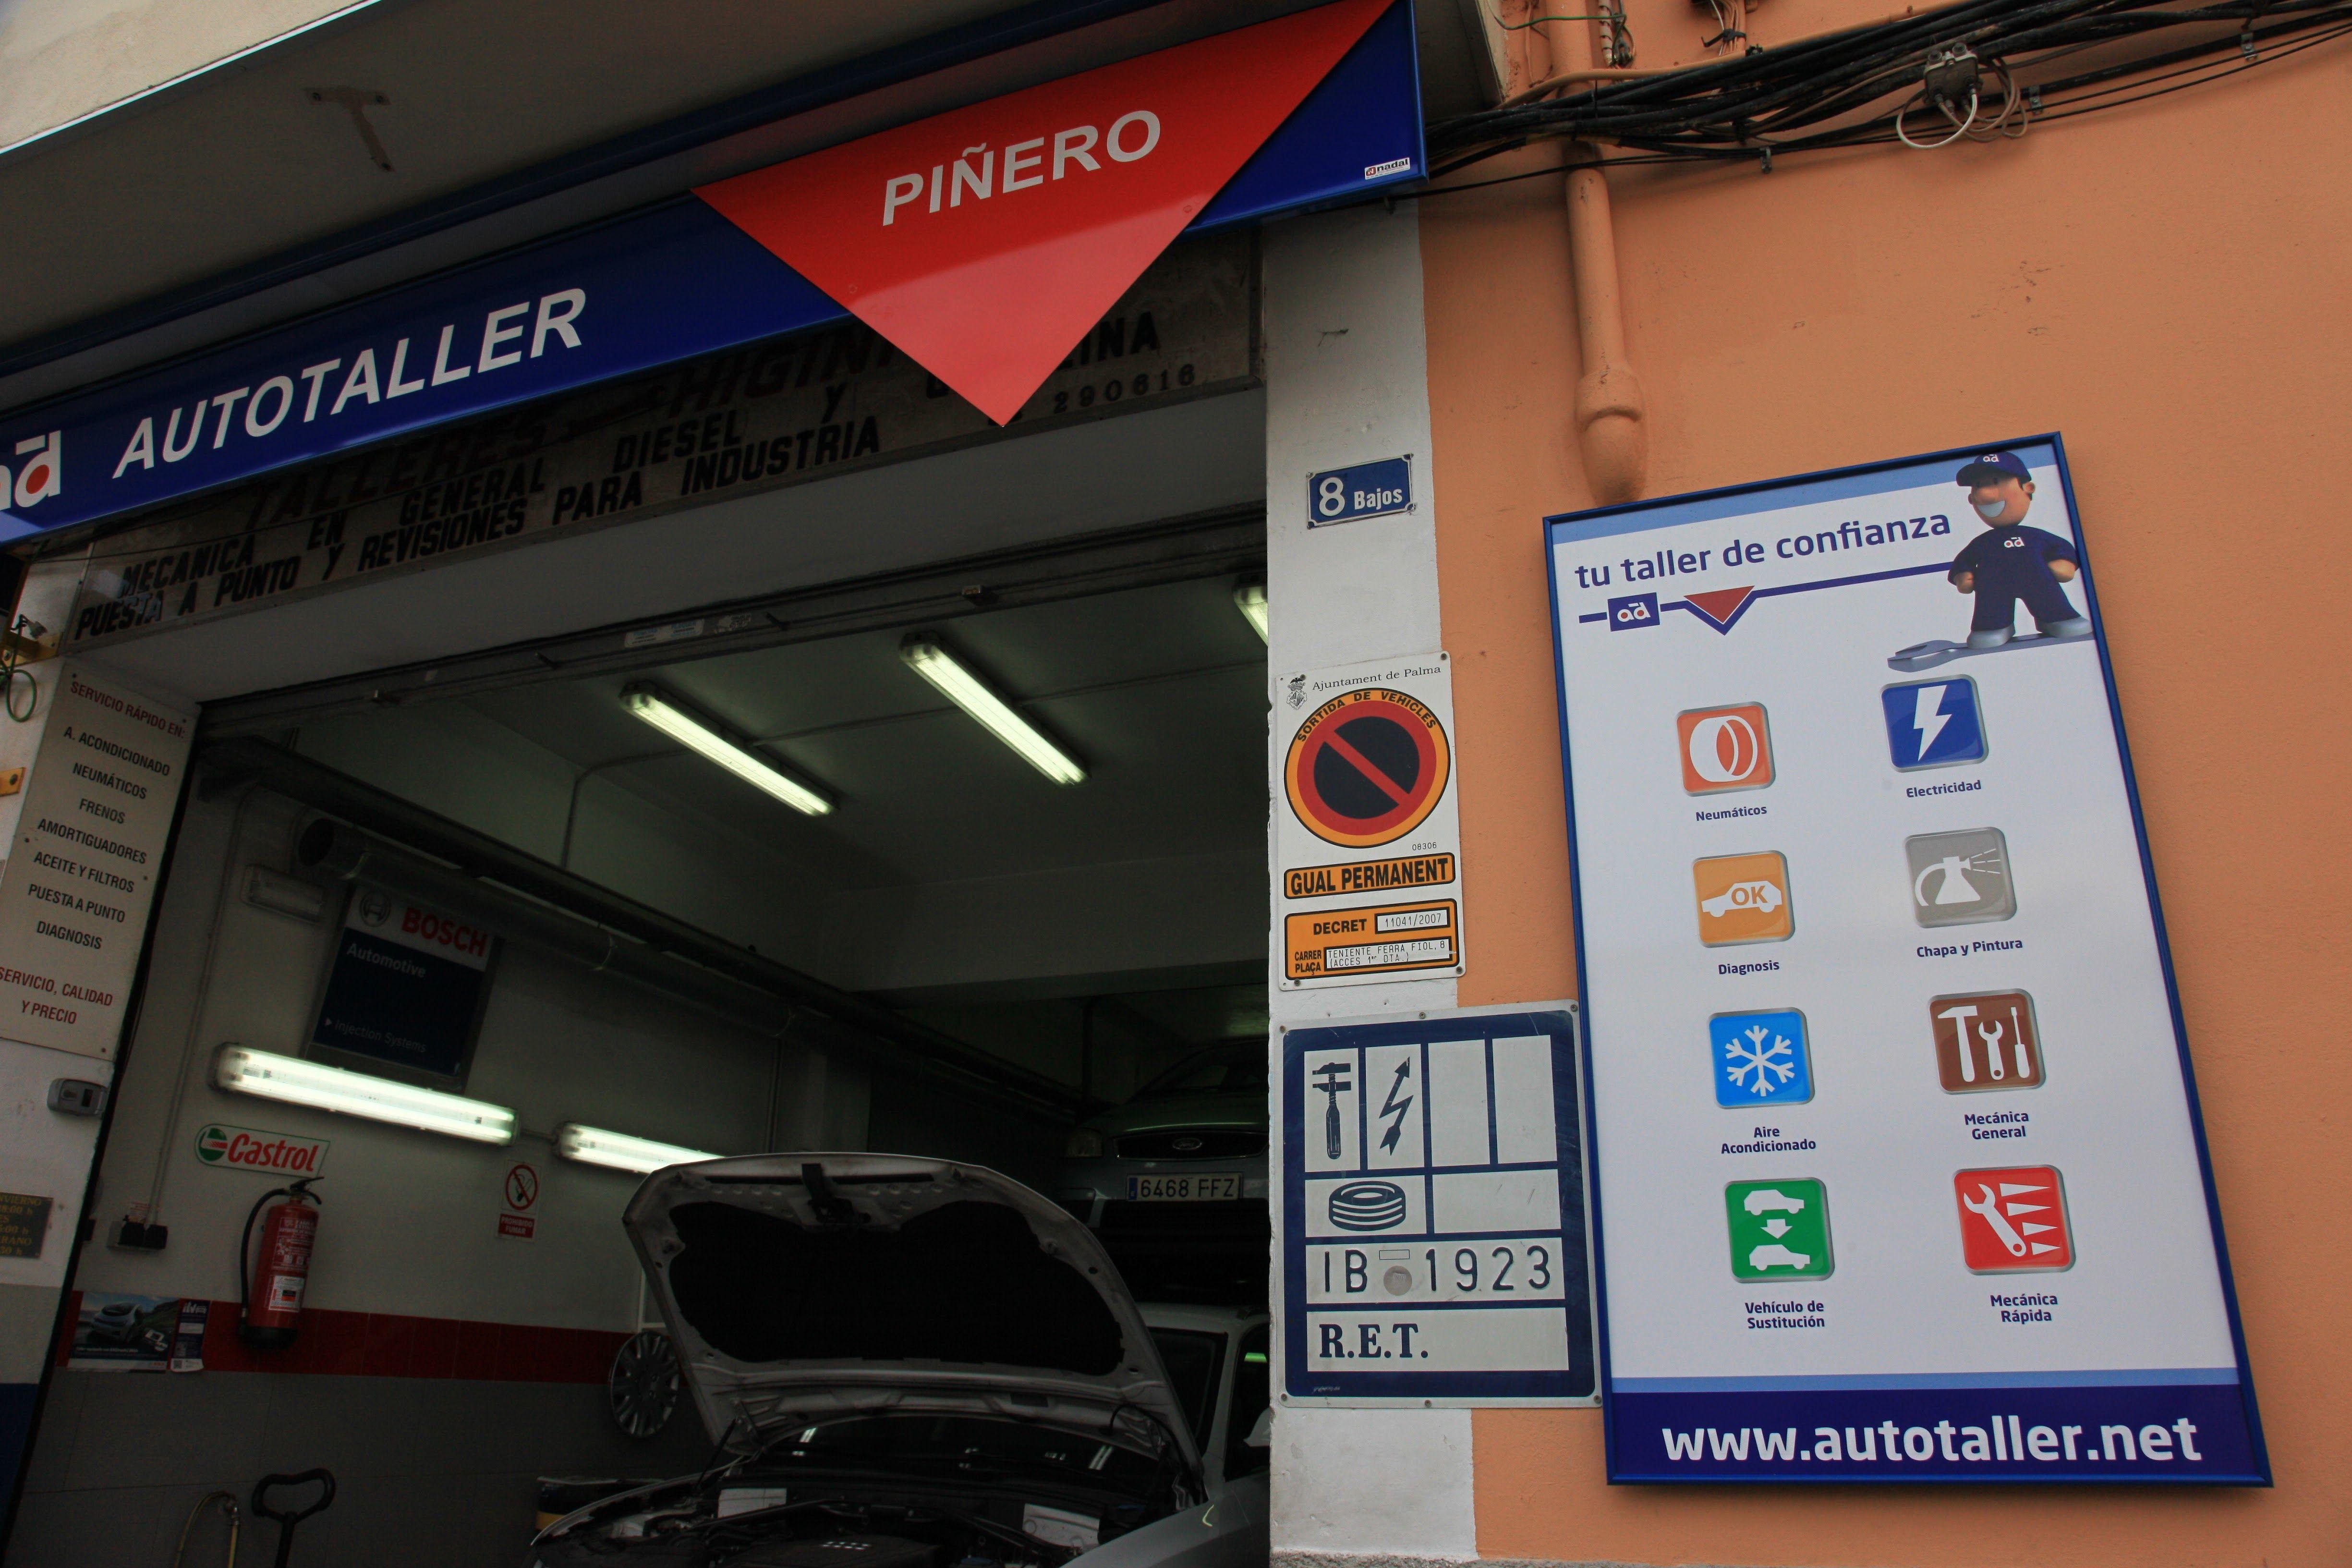 Foto 3 de Talleres de automóviles en Palma | Talleres Piñero